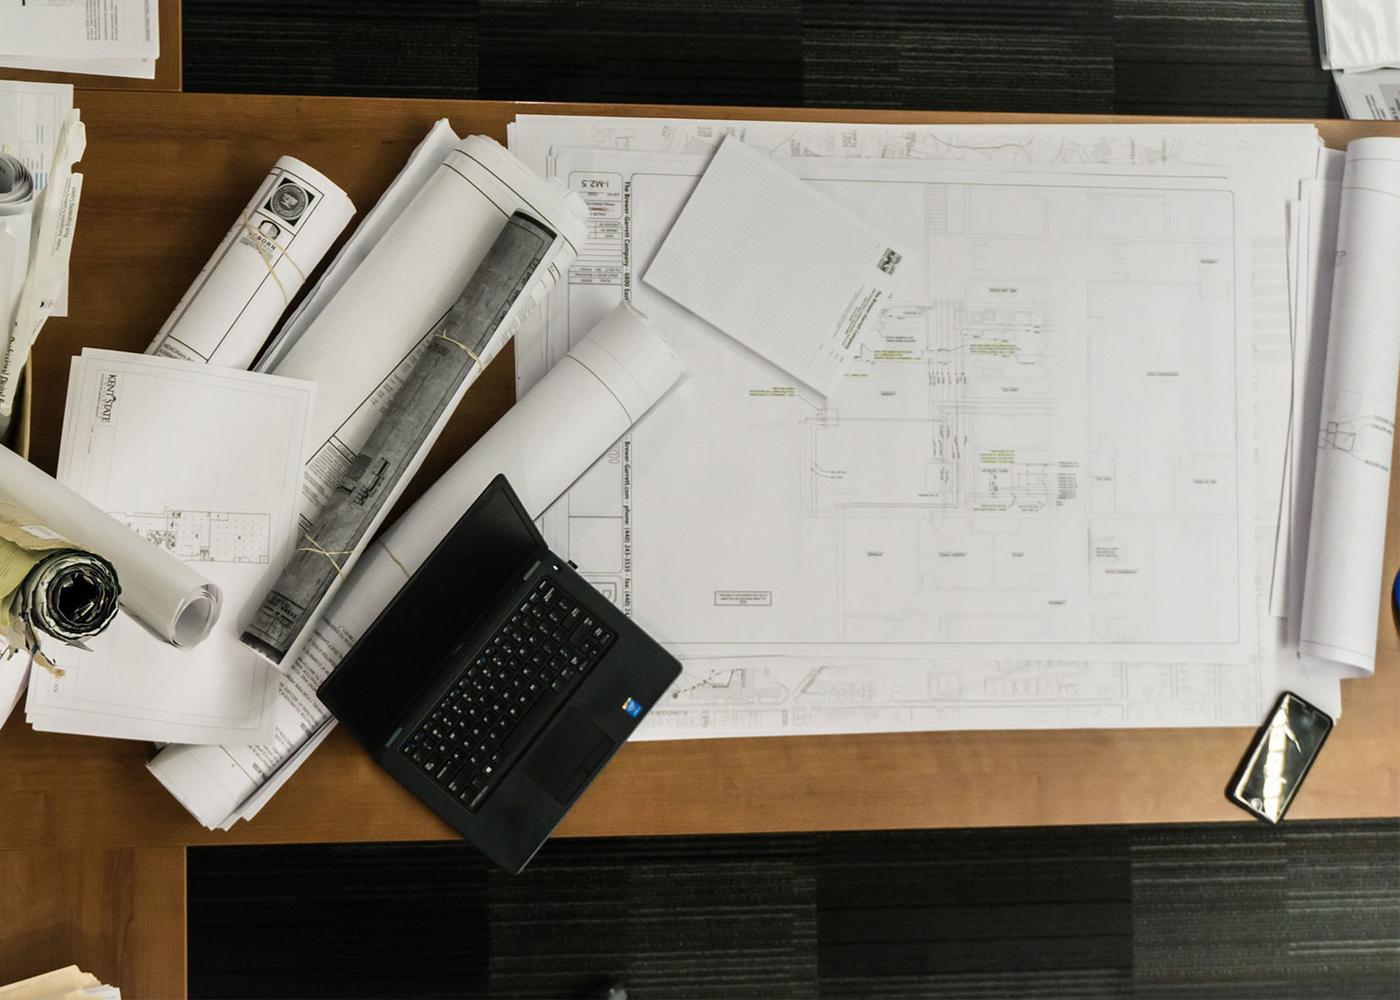 Arbeitsplatz mit diversen Plänen und einem Laptop